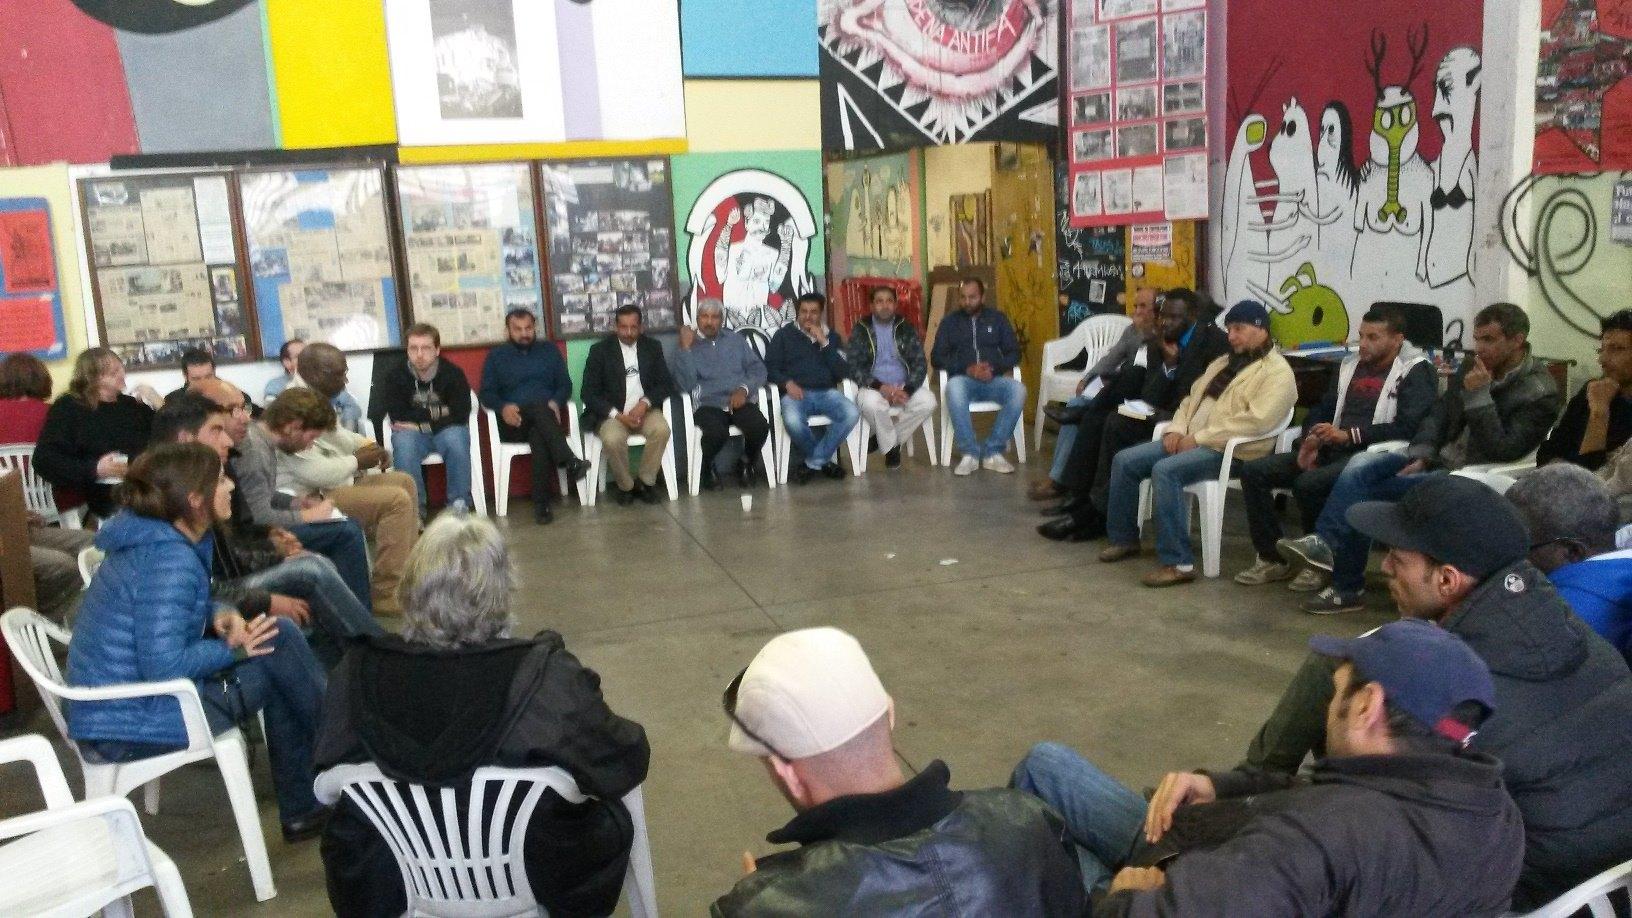 Domenica 23 novembre, Modena: Assemblea dei/delle migranti  